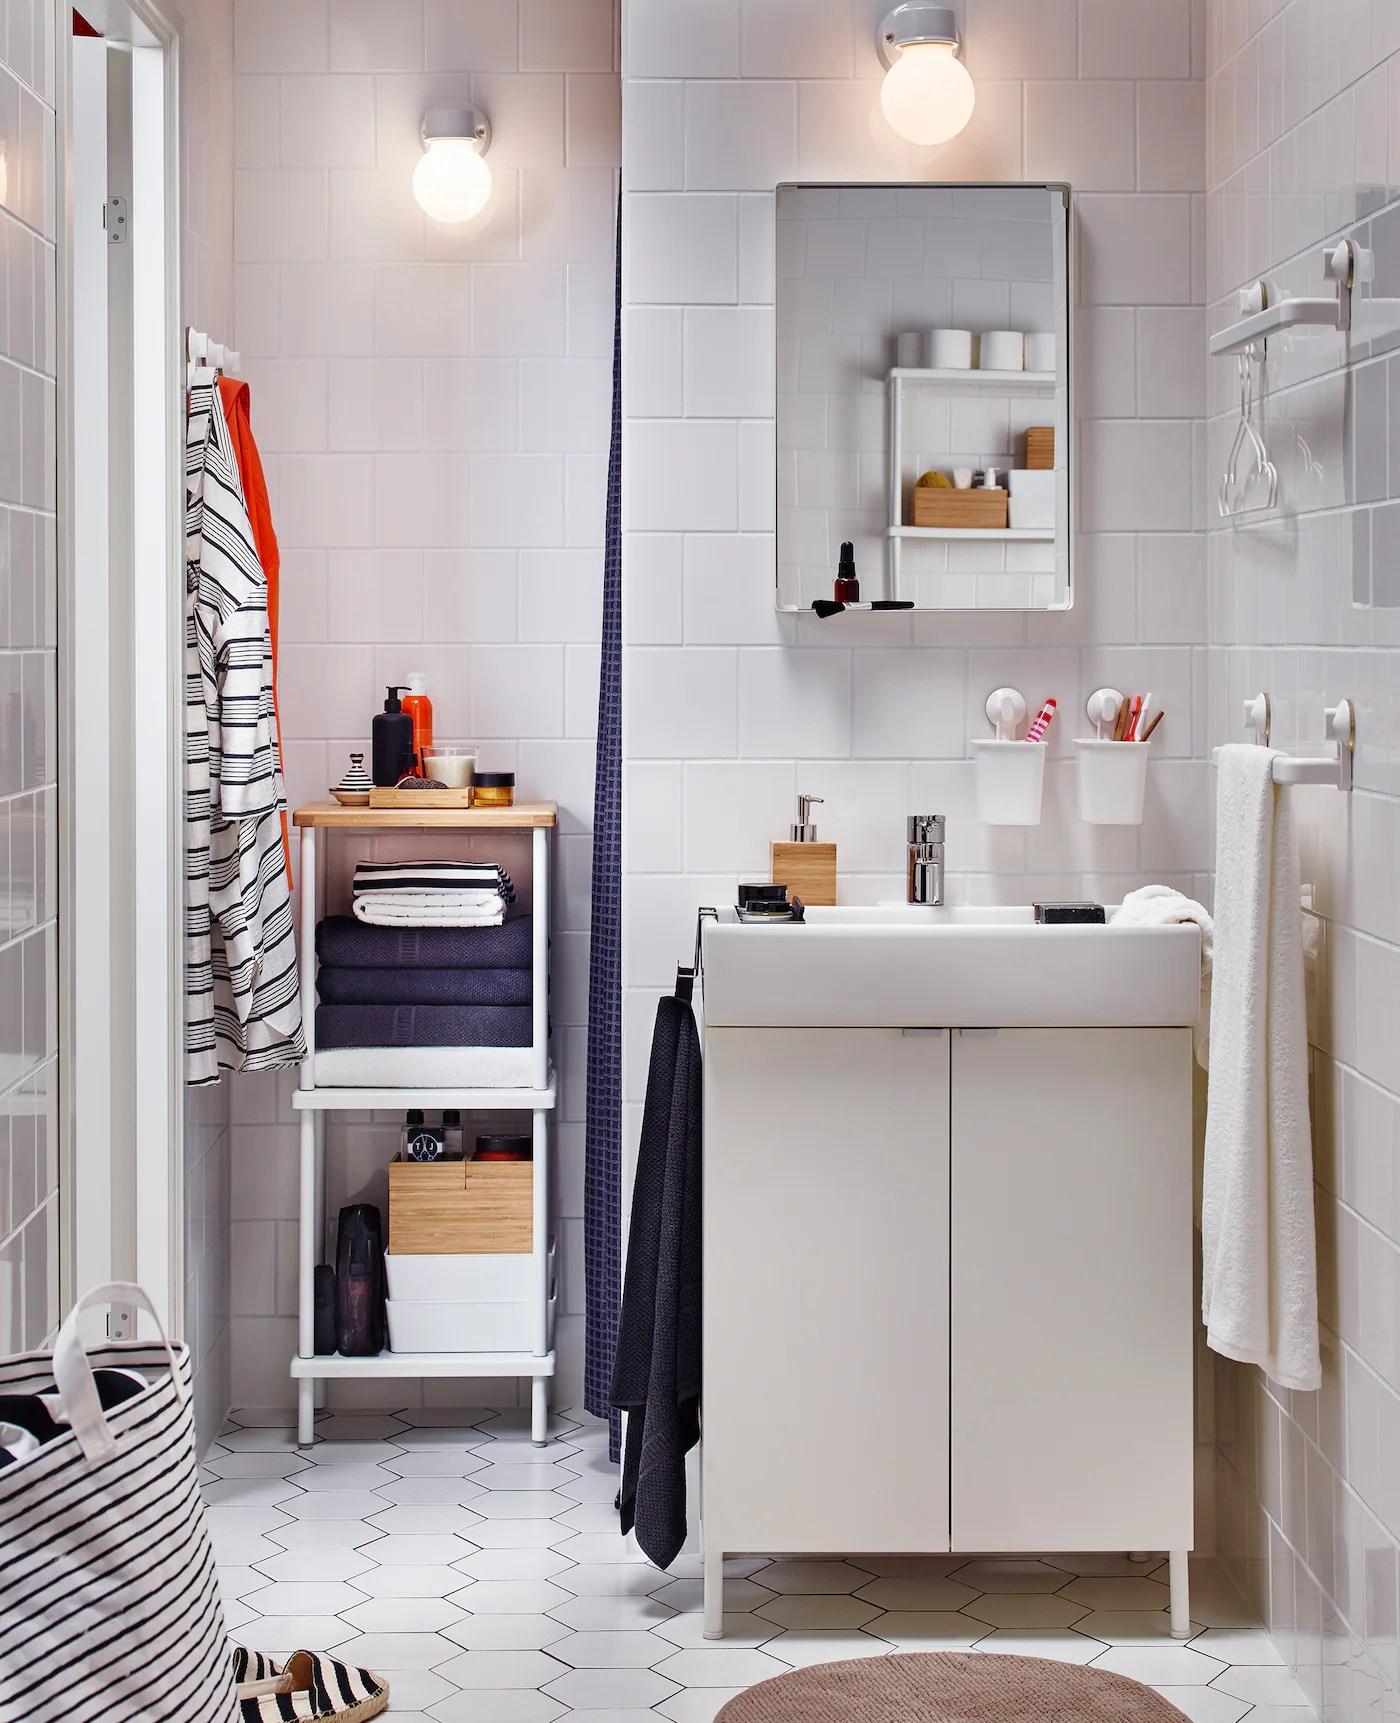 Badezimmer Organisation mit kleinen Details   IKEA Deutschland